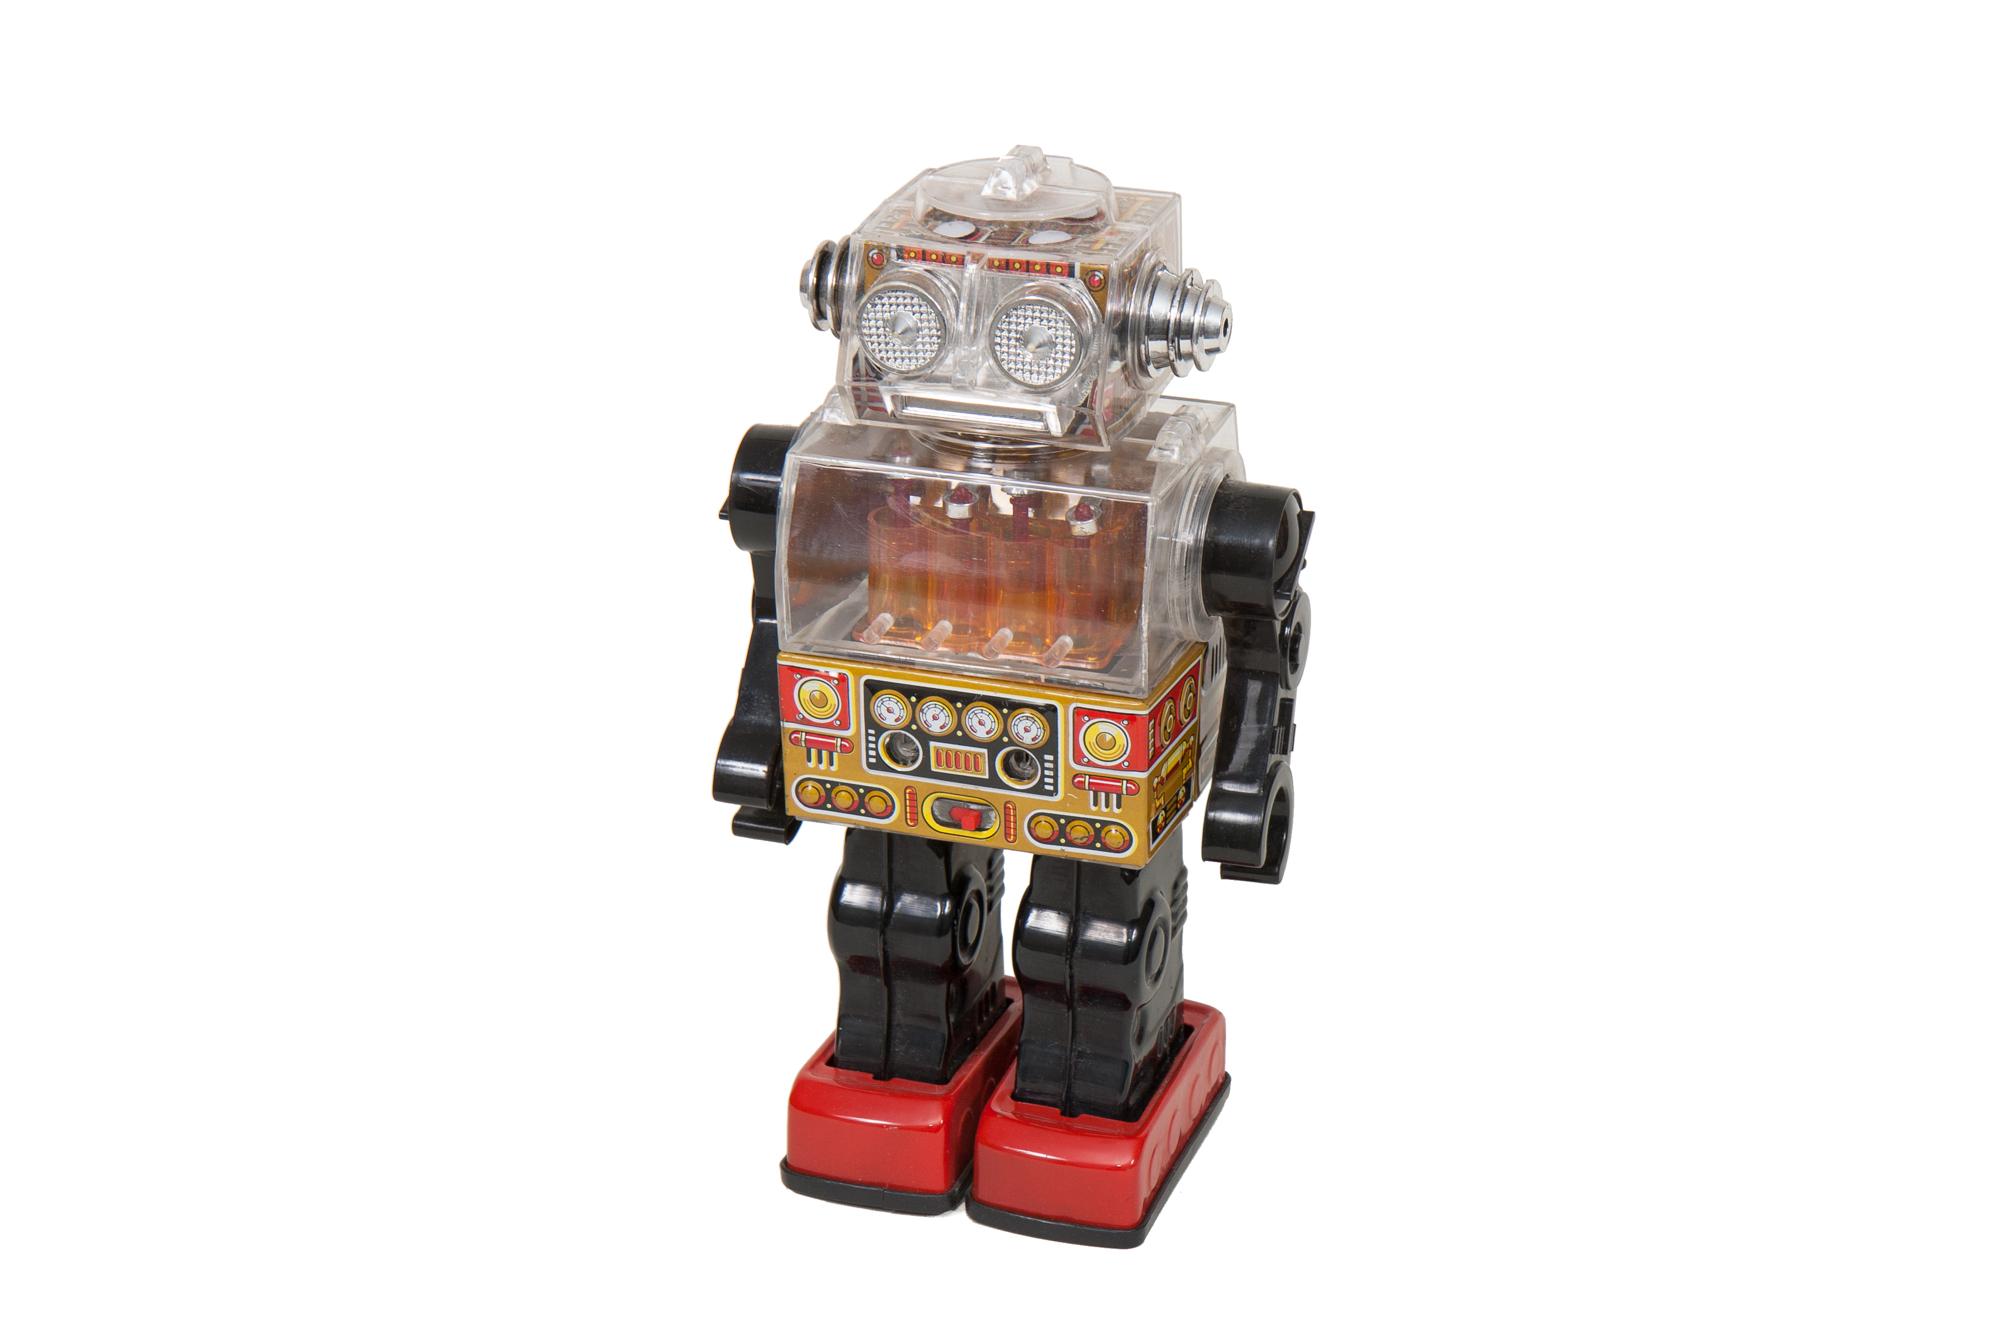 Toy Robot – Plastic and Tin (Japan circa 1970)